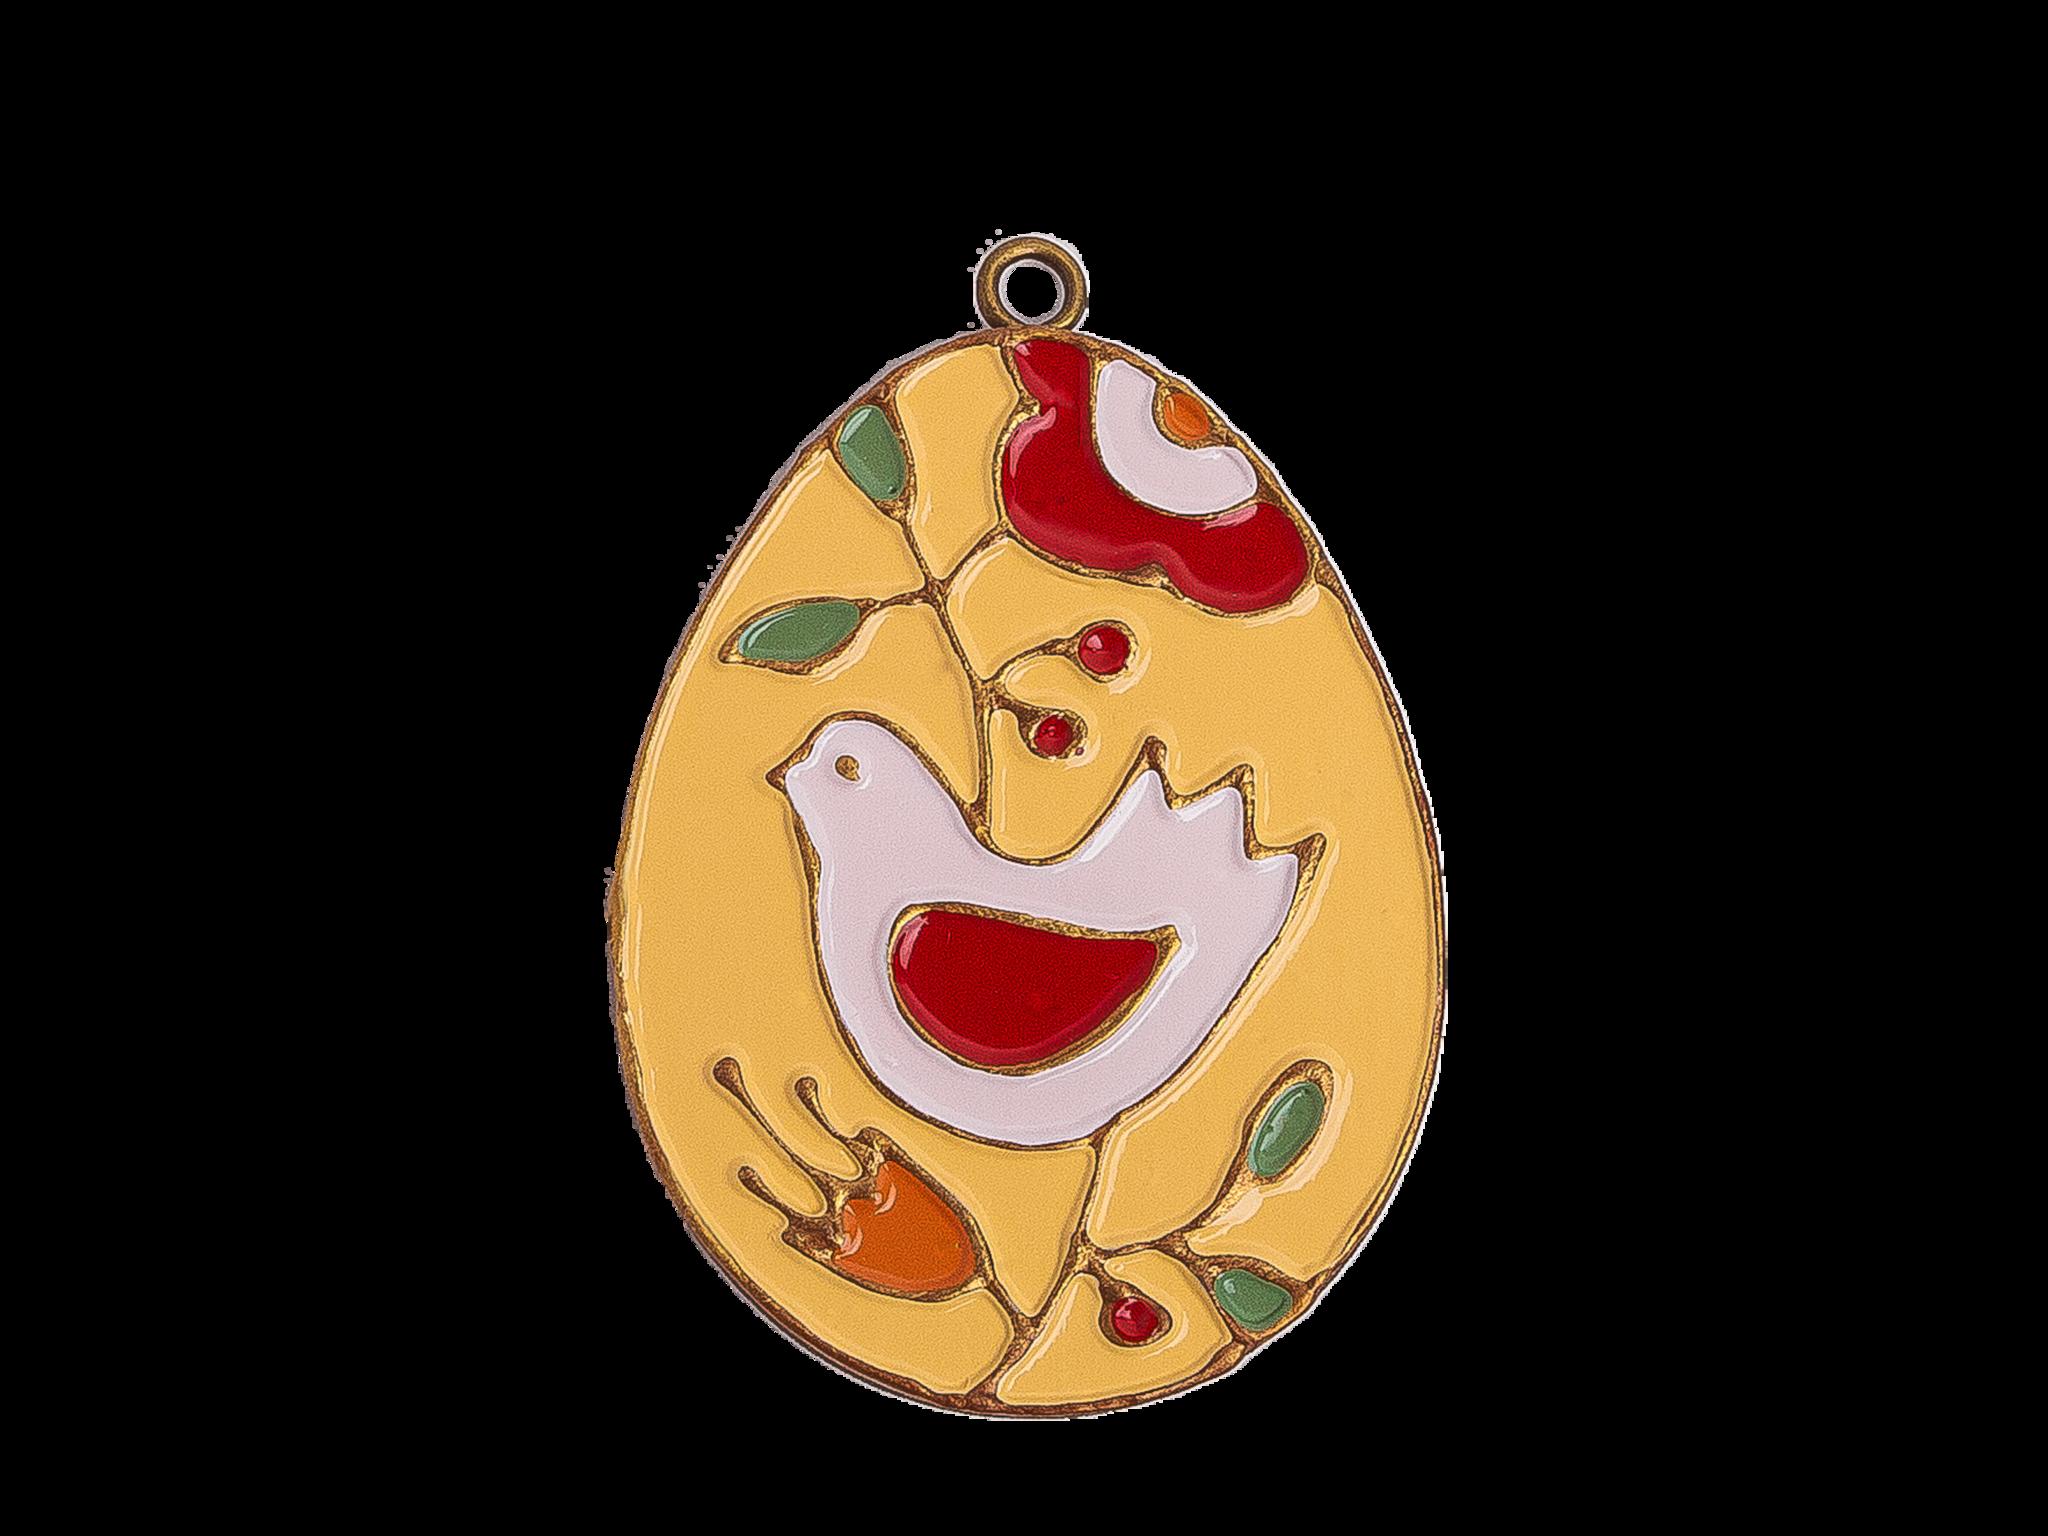 Пасхальное украшение Яйцо с Птицей, цвет: светло-желтый